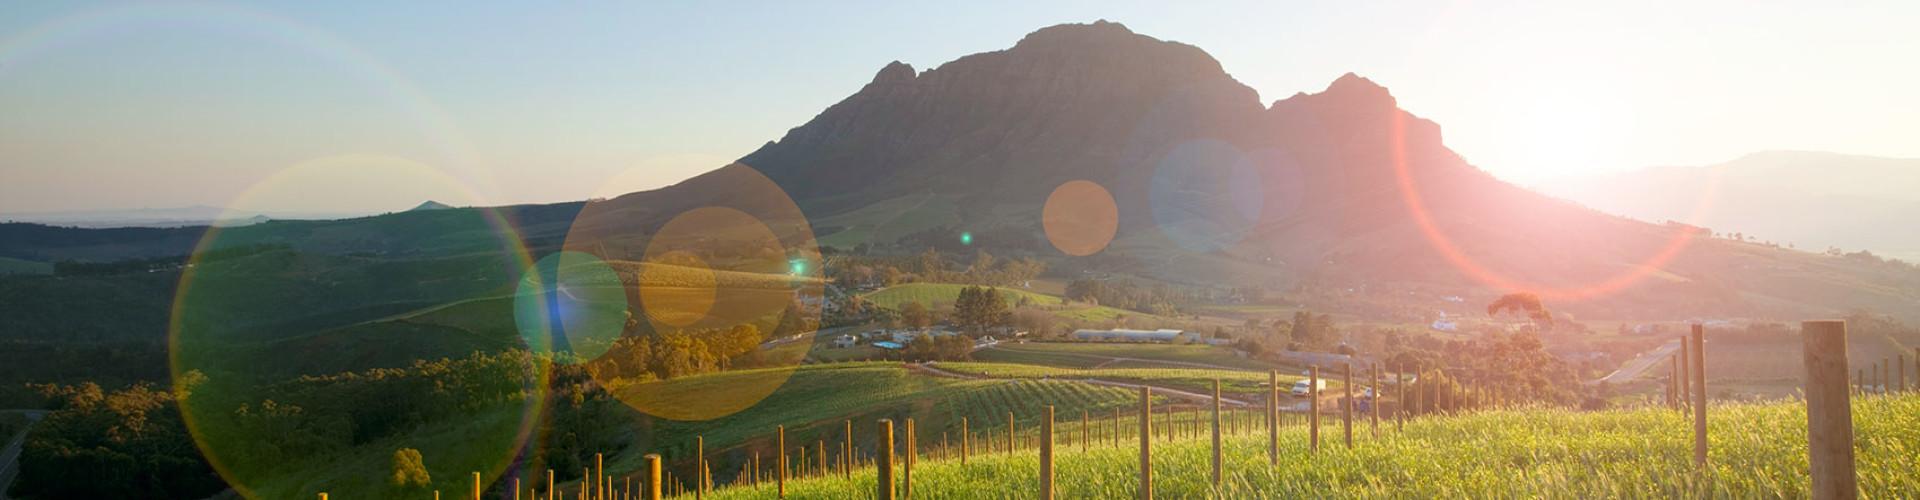 Zonsopgang tijdens een luxe rondreis door Zuid-Afrika